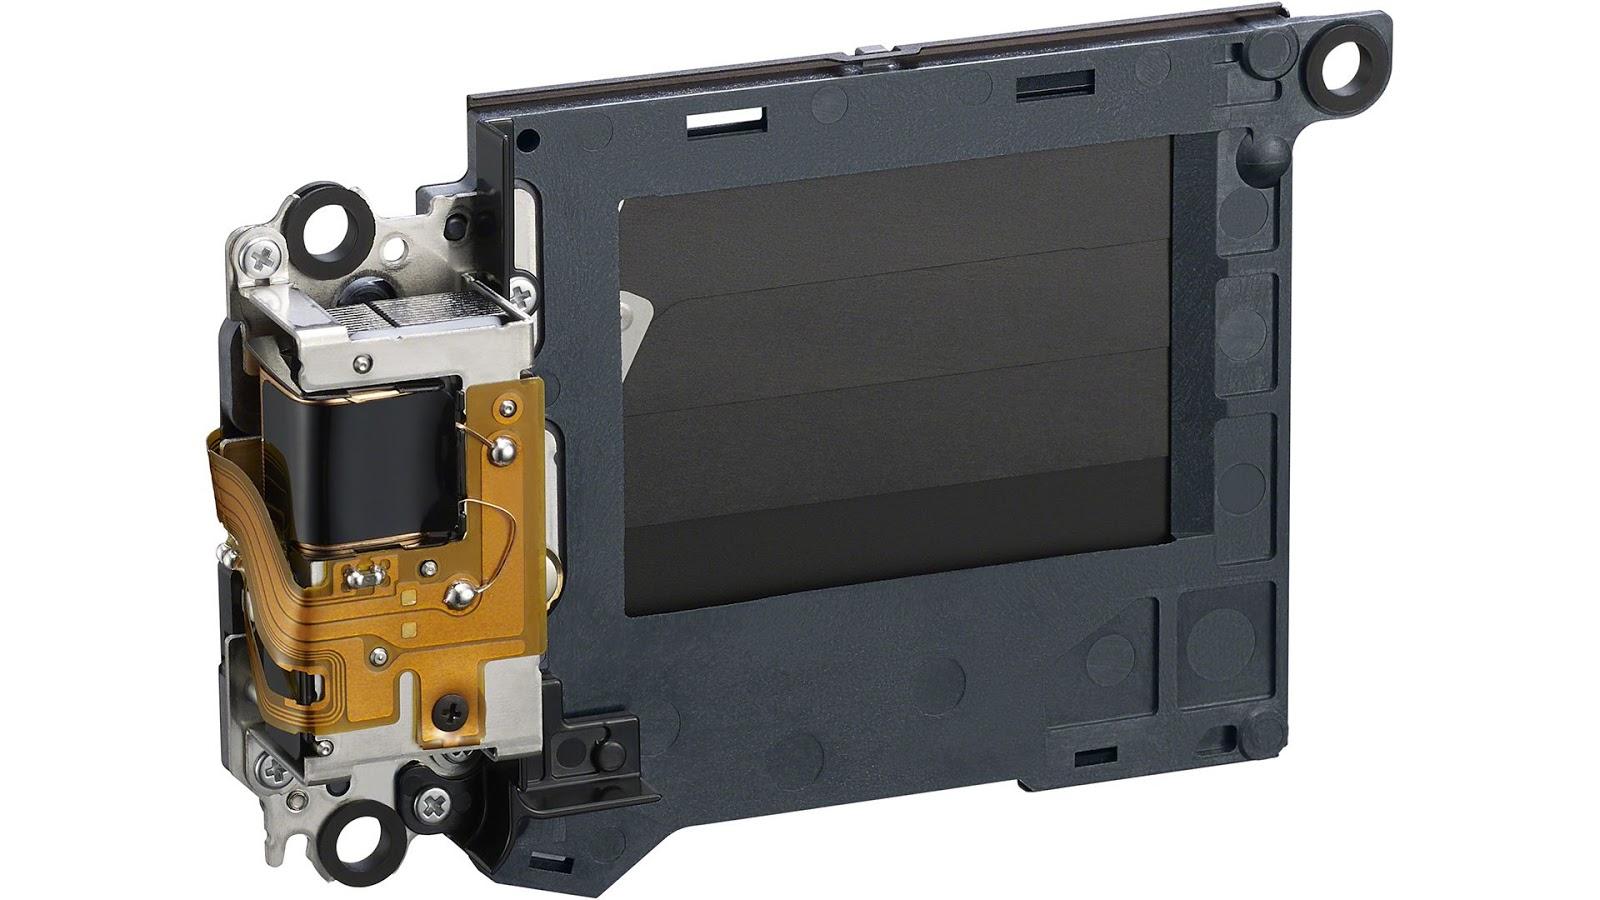 Механический затвор камеры Sony A7C